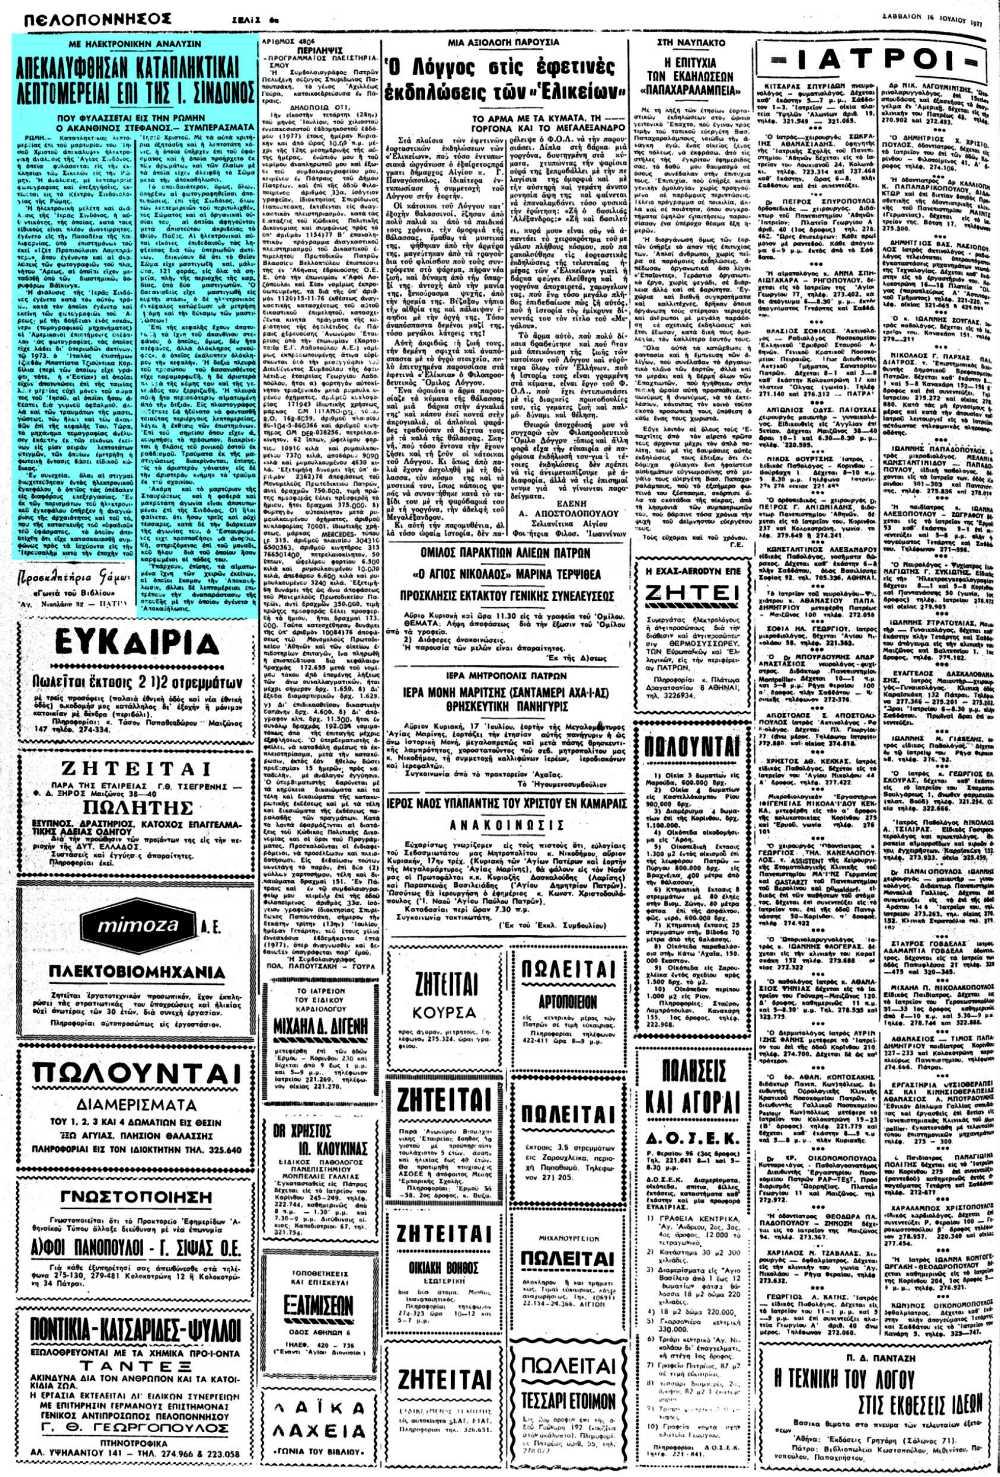 """Το άρθρο, όπως δημοσιεύθηκε στην εφημερίδα """"ΠΕΛΟΠΟΝΝΗΣΟΣ"""", στις 16/07/1977"""